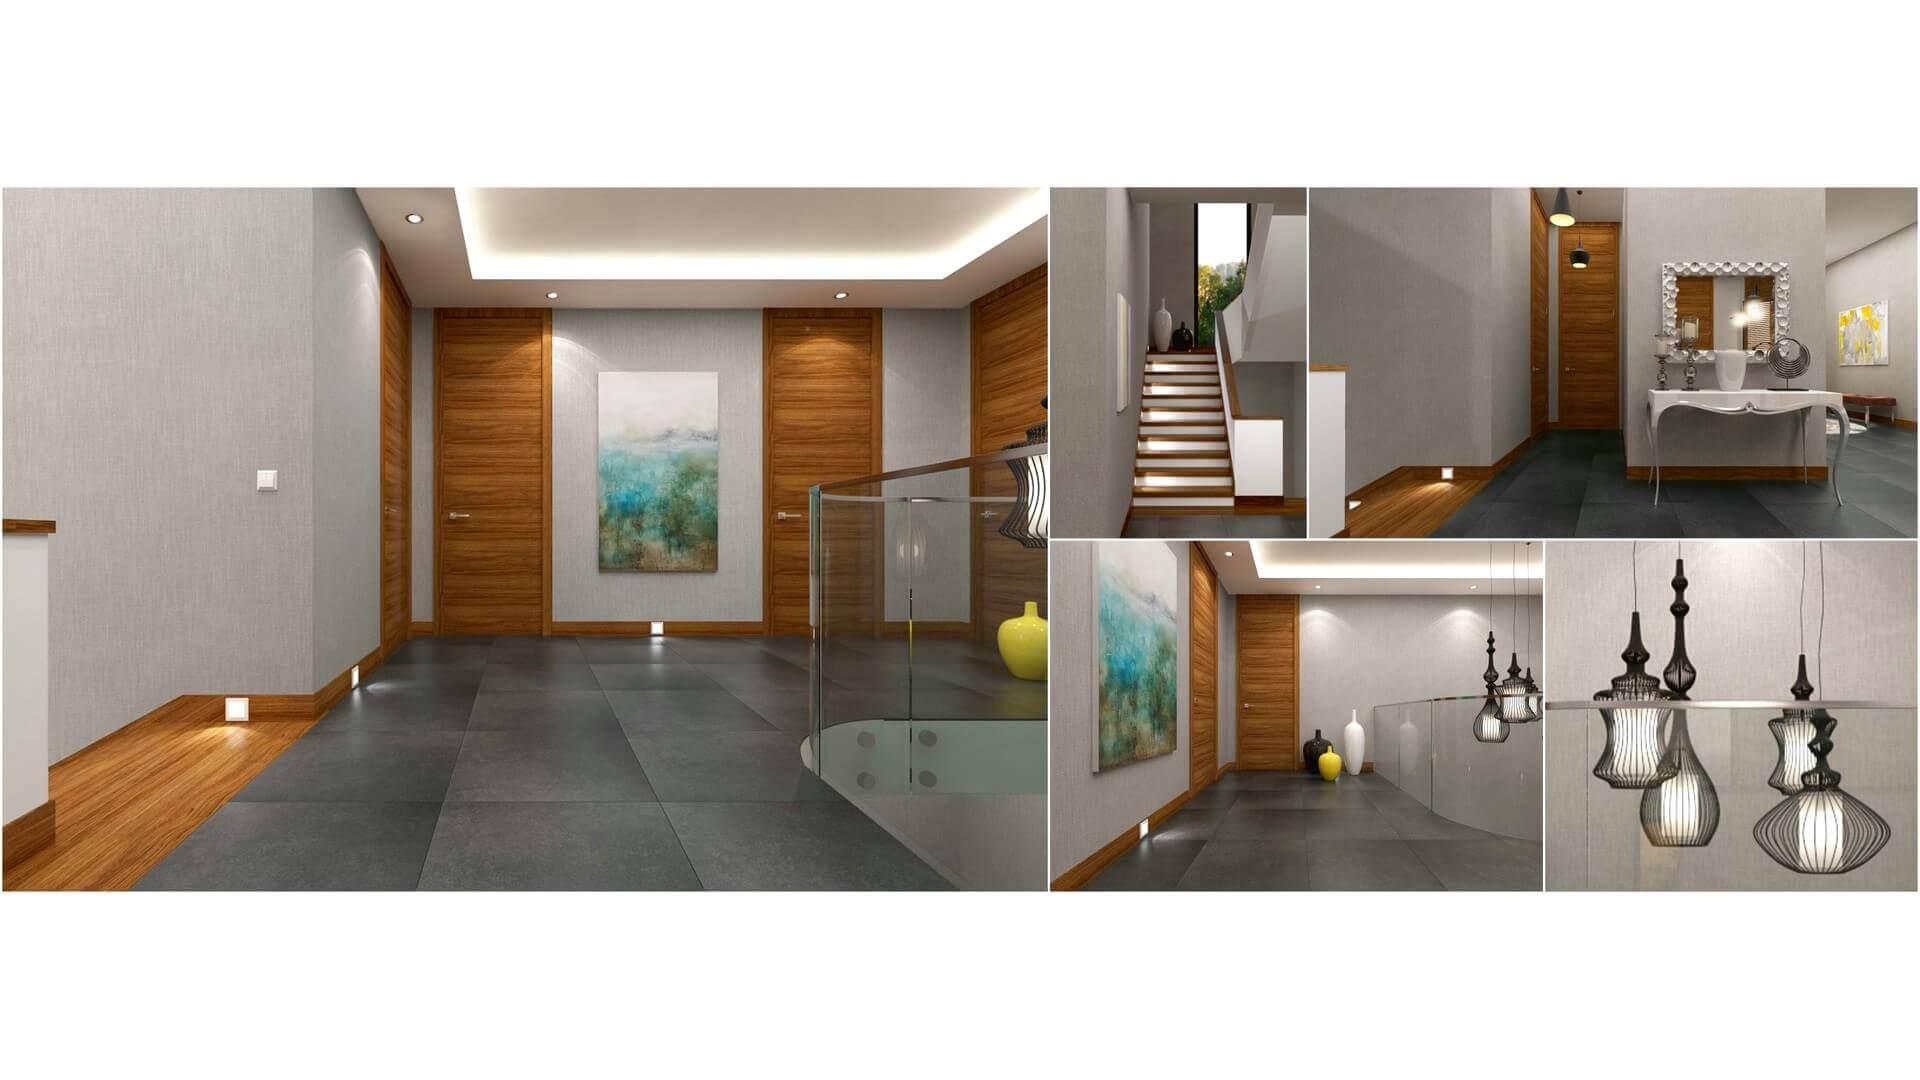 home inspiration 2964 E. Uslu Konutu Residential